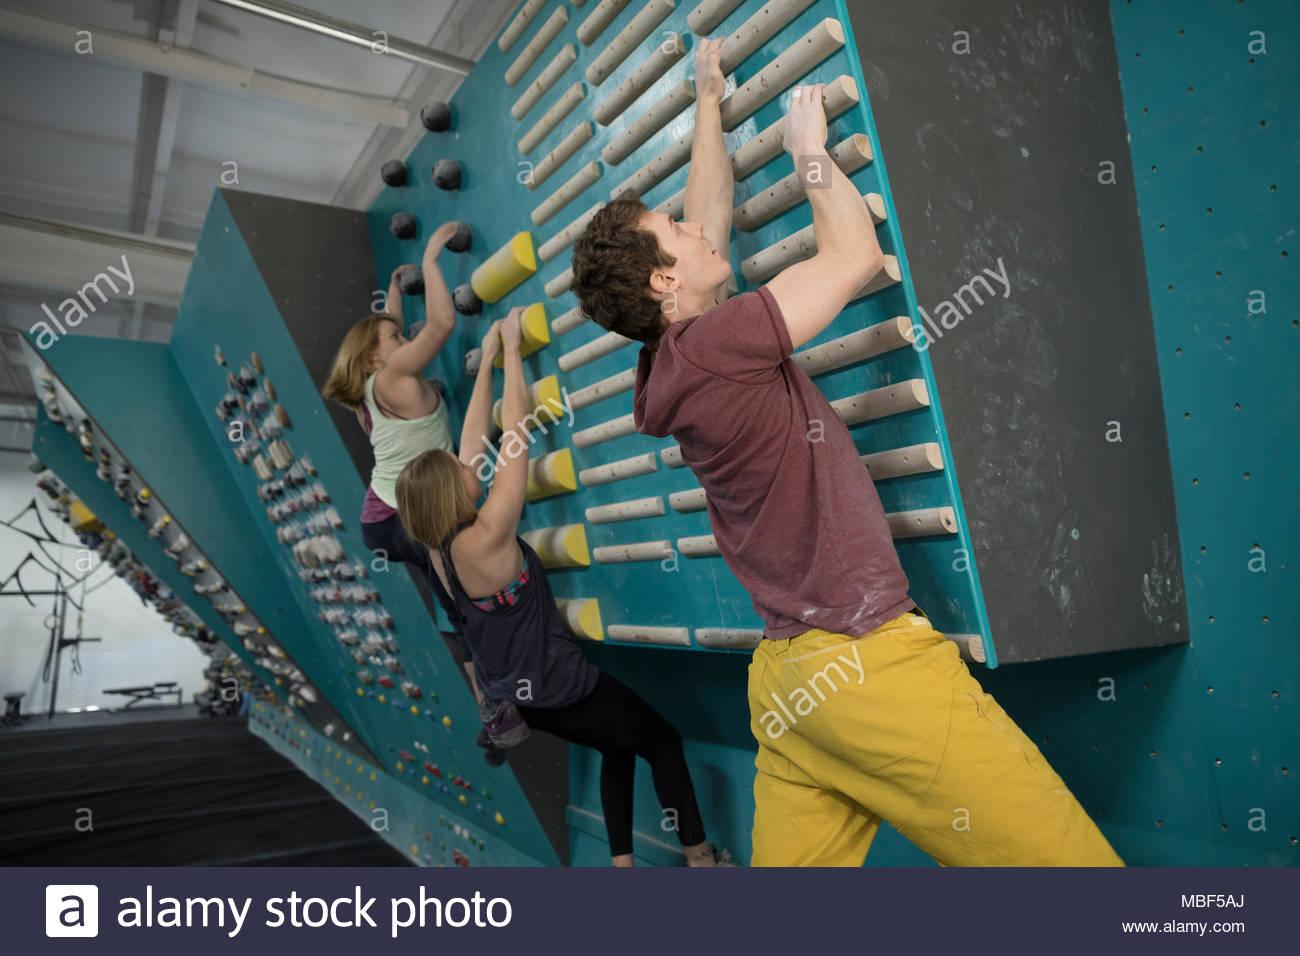 Escaladores entrenamiento en escalada en pared gimnasio de escalada Imagen De Stock